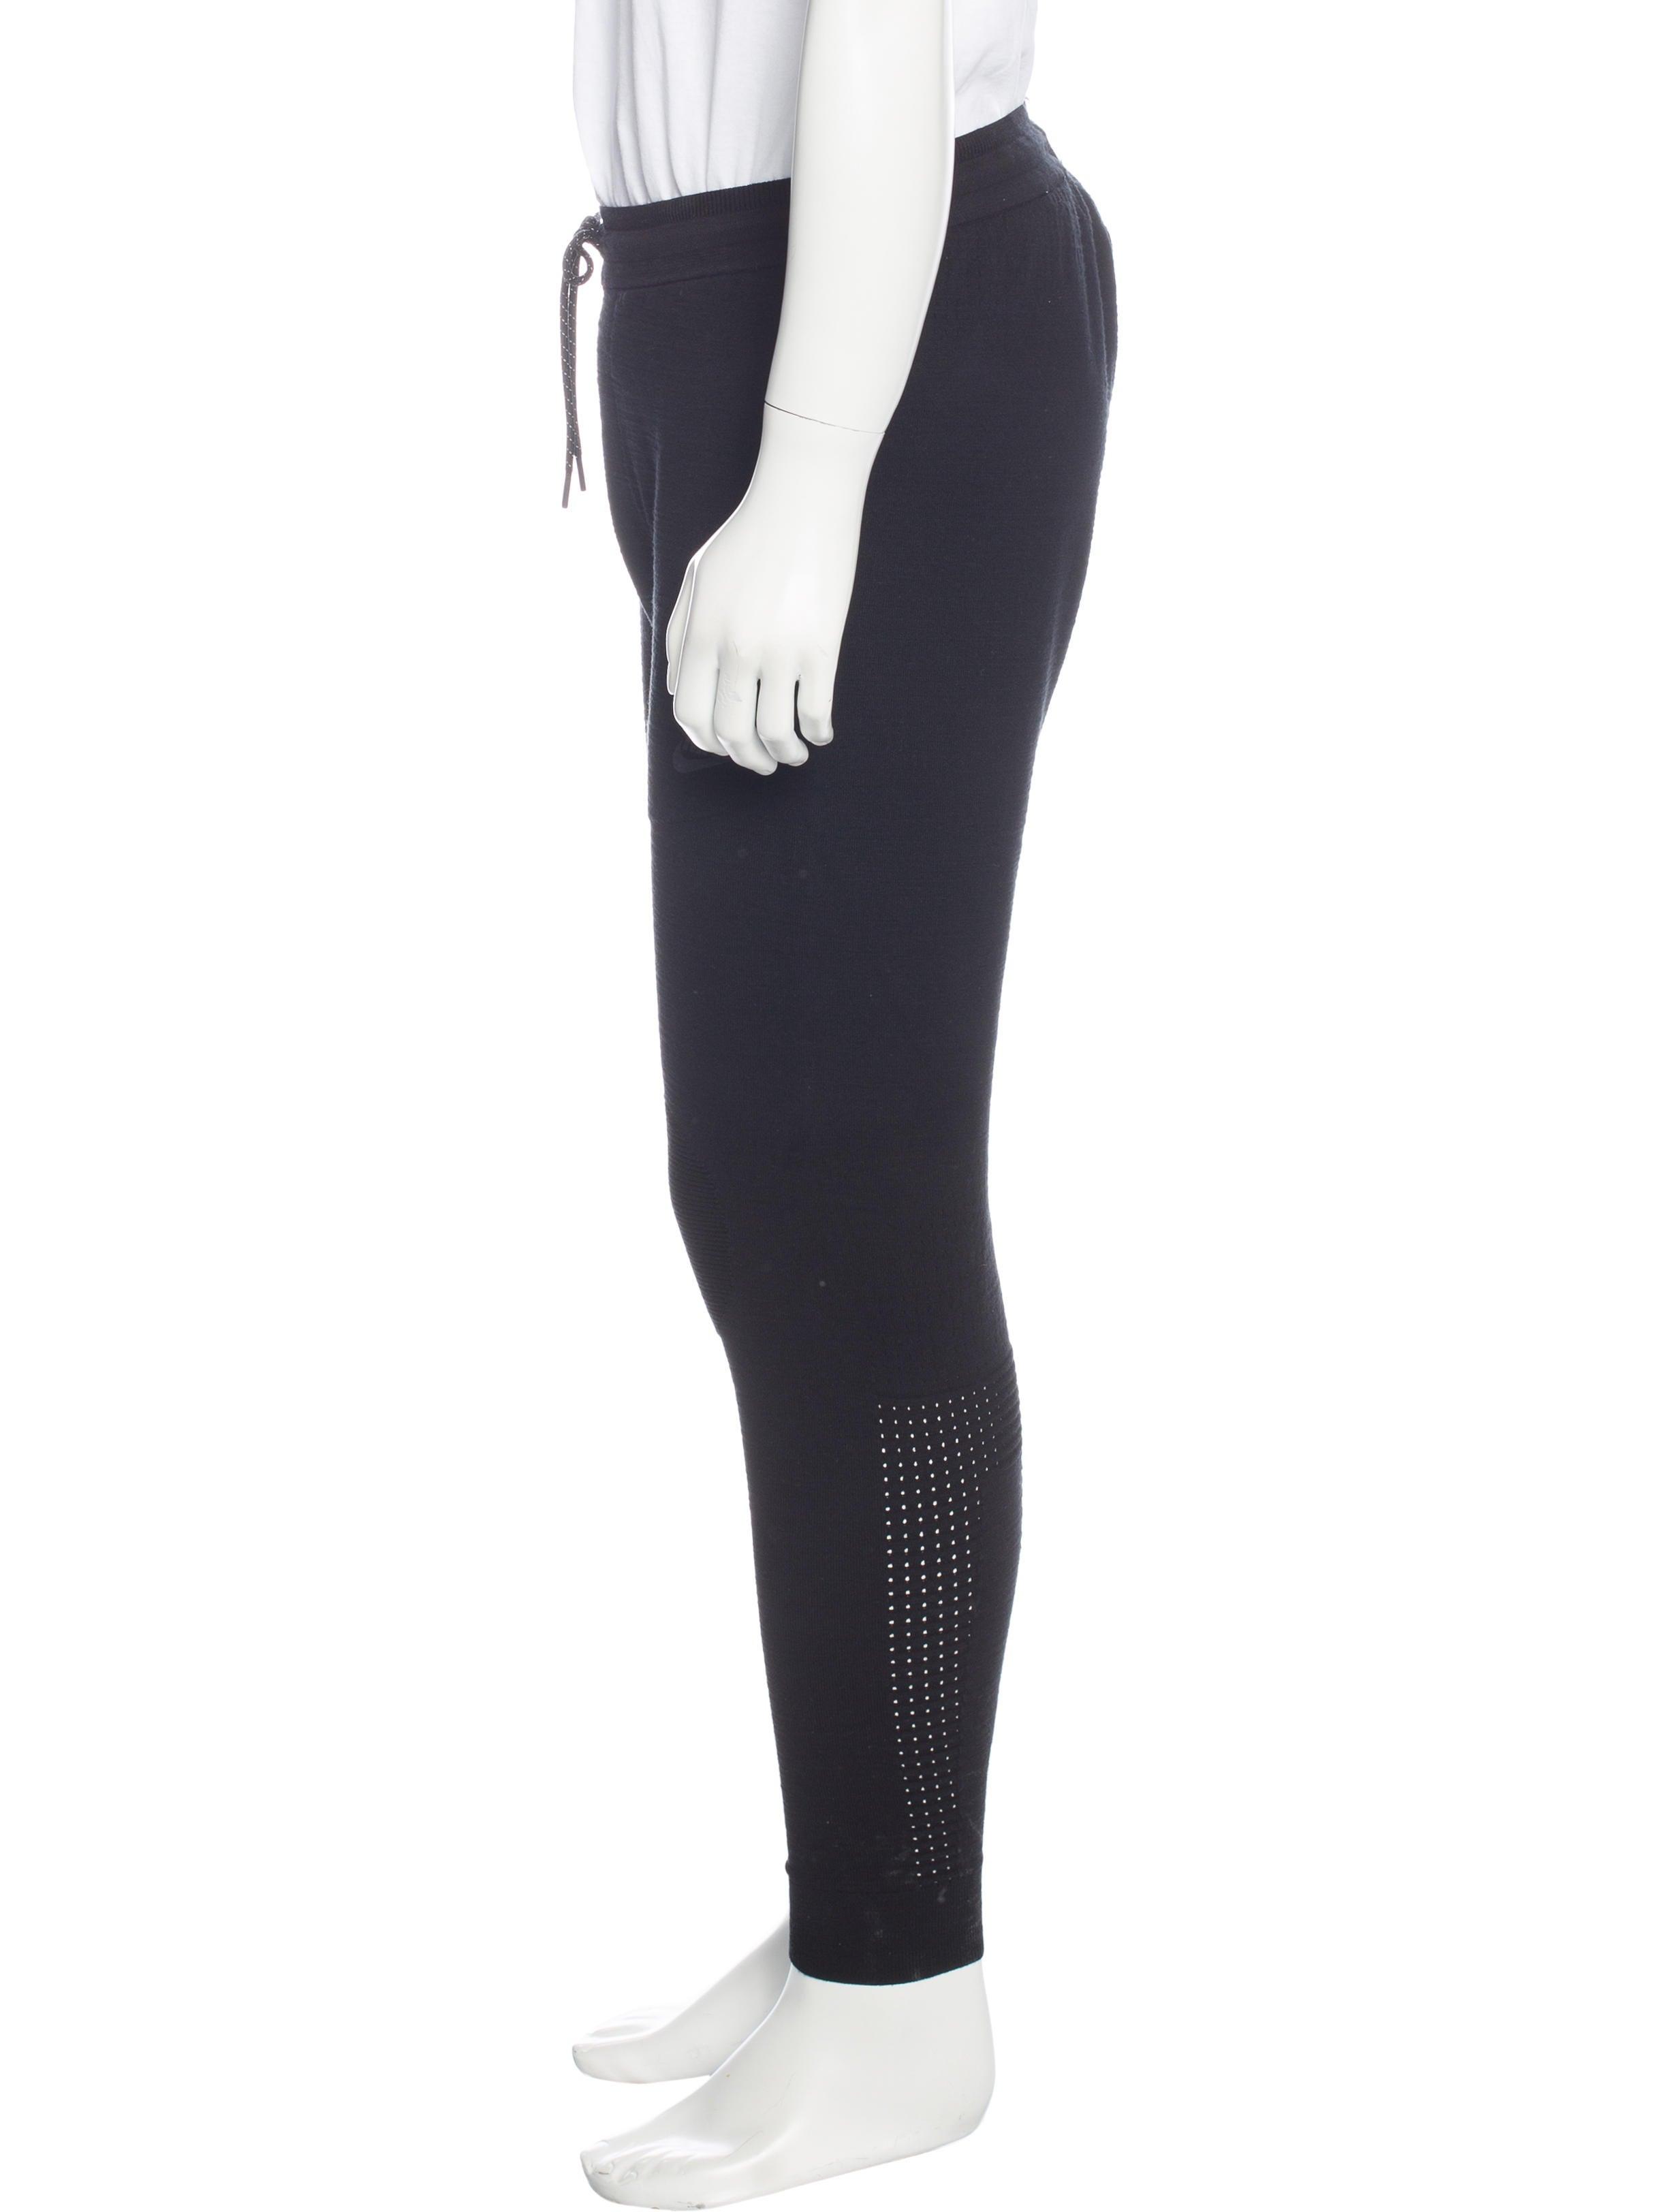 Nike Drawstring Ribbed Leggings - Clothing - WU221123   The RealReal